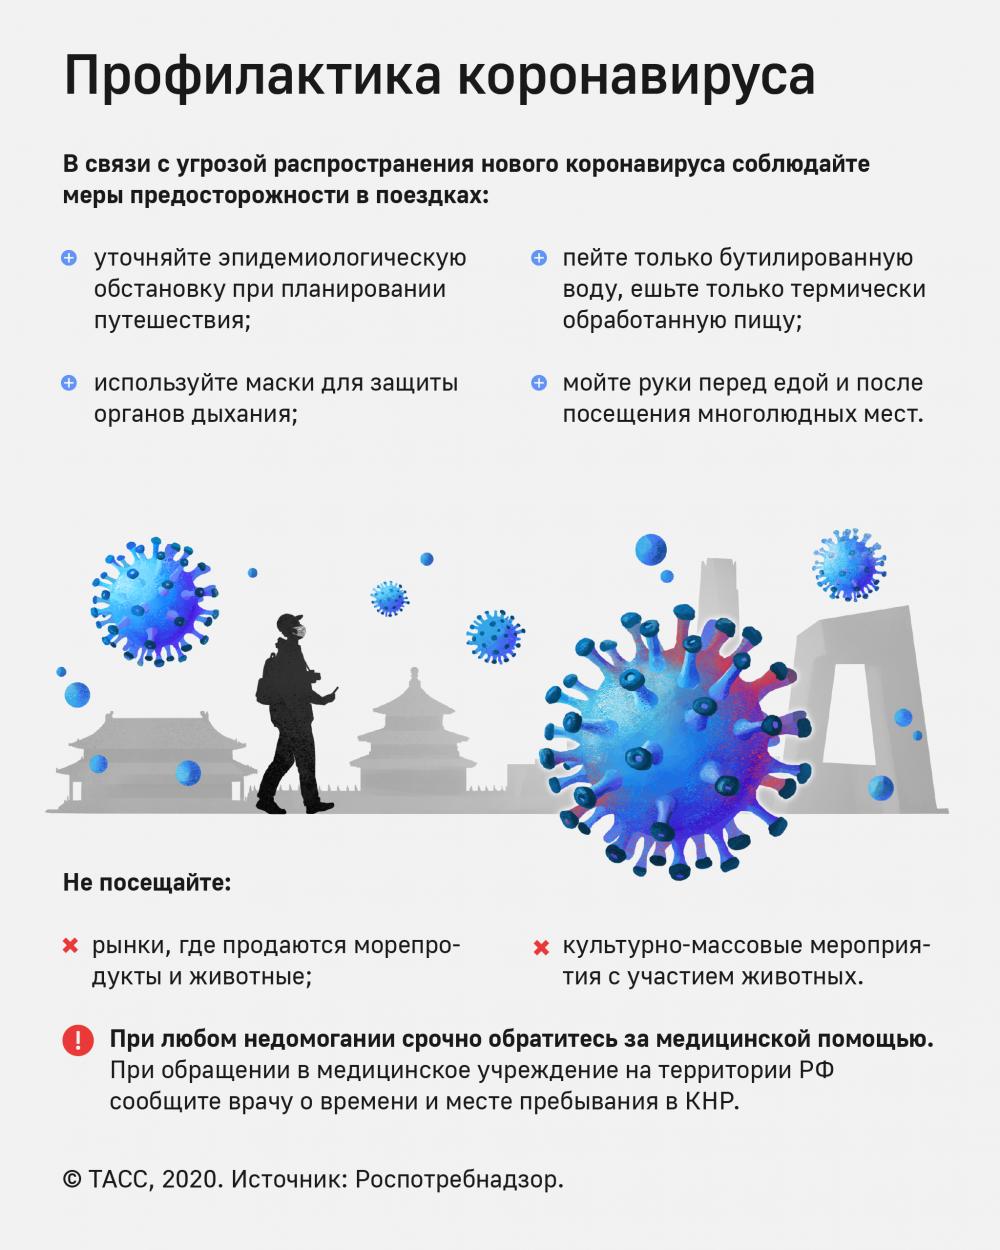 Самые эффективные методы профилактики коронавируса